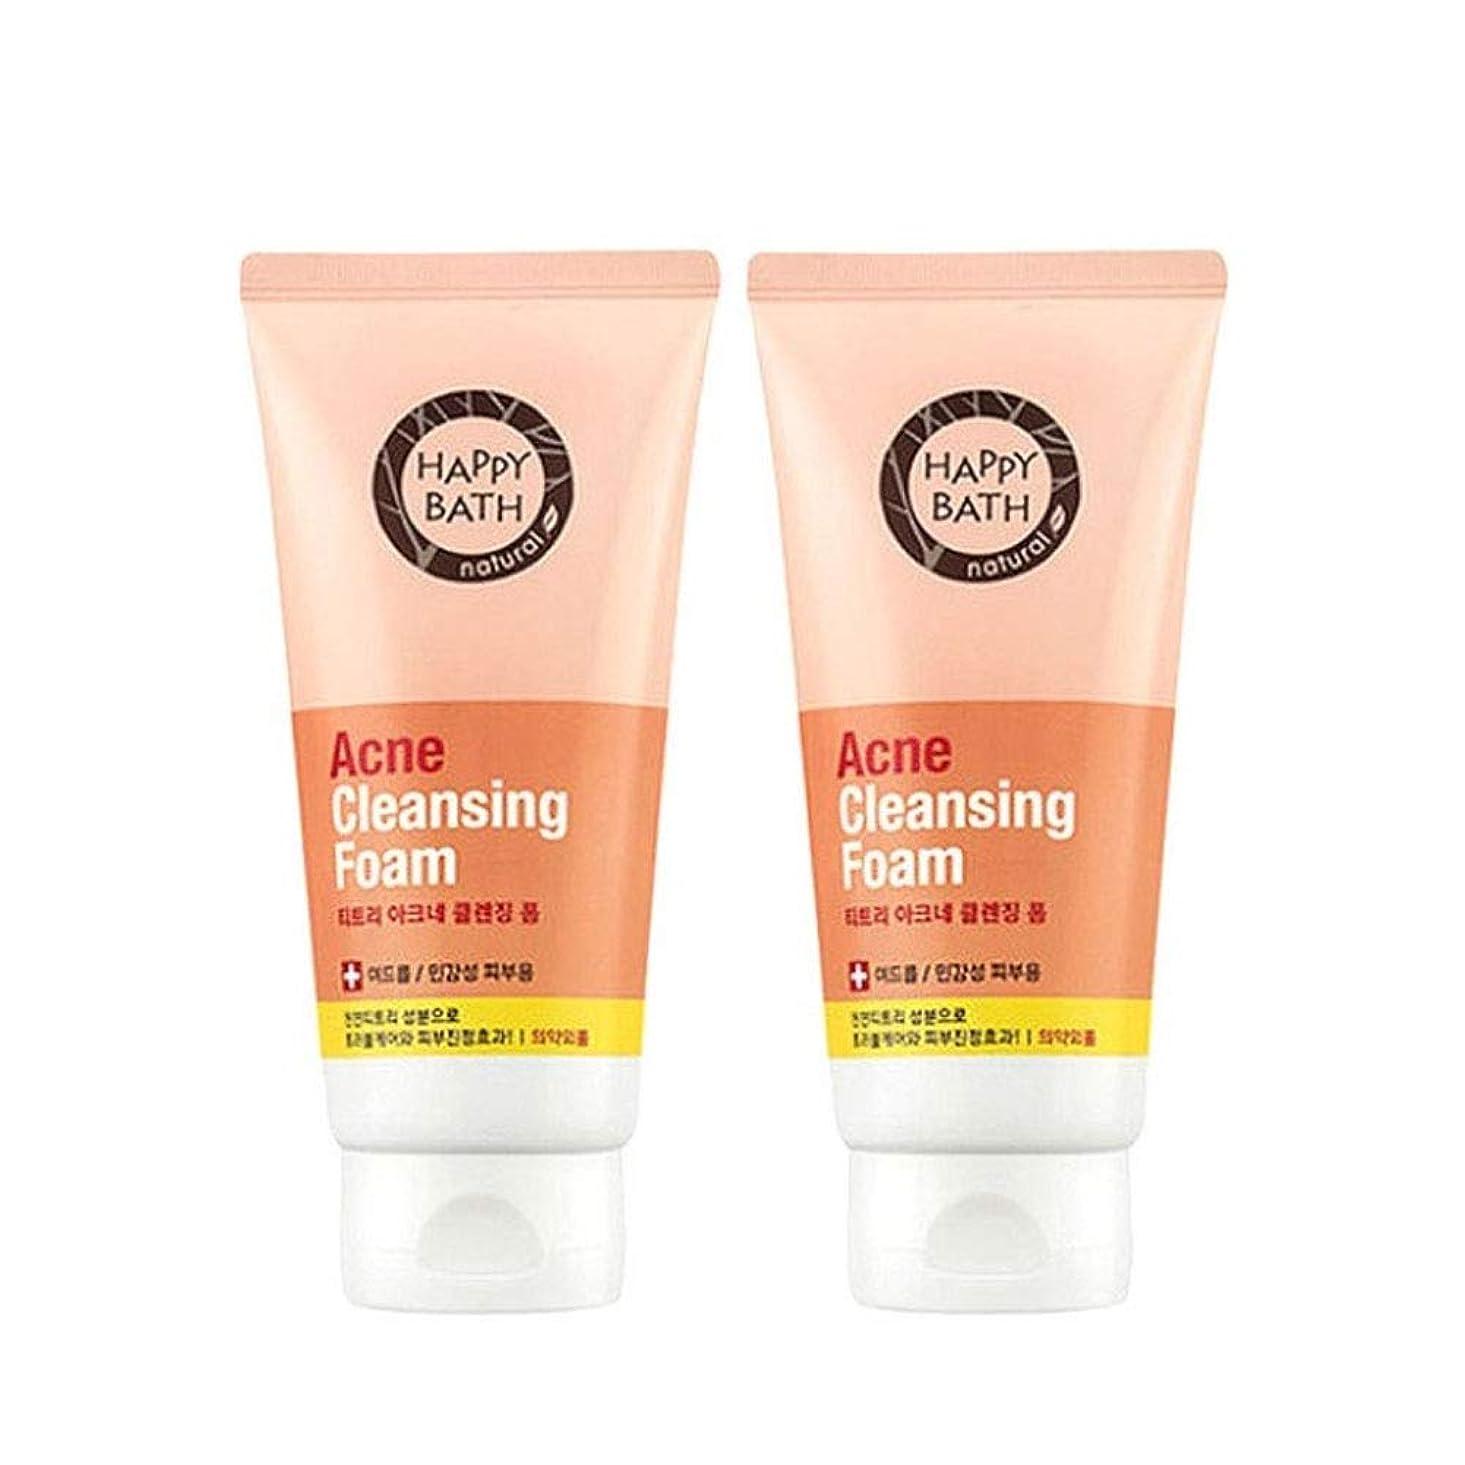 のホスト安息苦しみハッピーバスティーツリーアクネクレンジングフォーム175gx2本セット韓国コスメ、Happy Bath Acne Cleansing Foam 175g x 2ea Set Korean Cosmetics [並行輸入品]